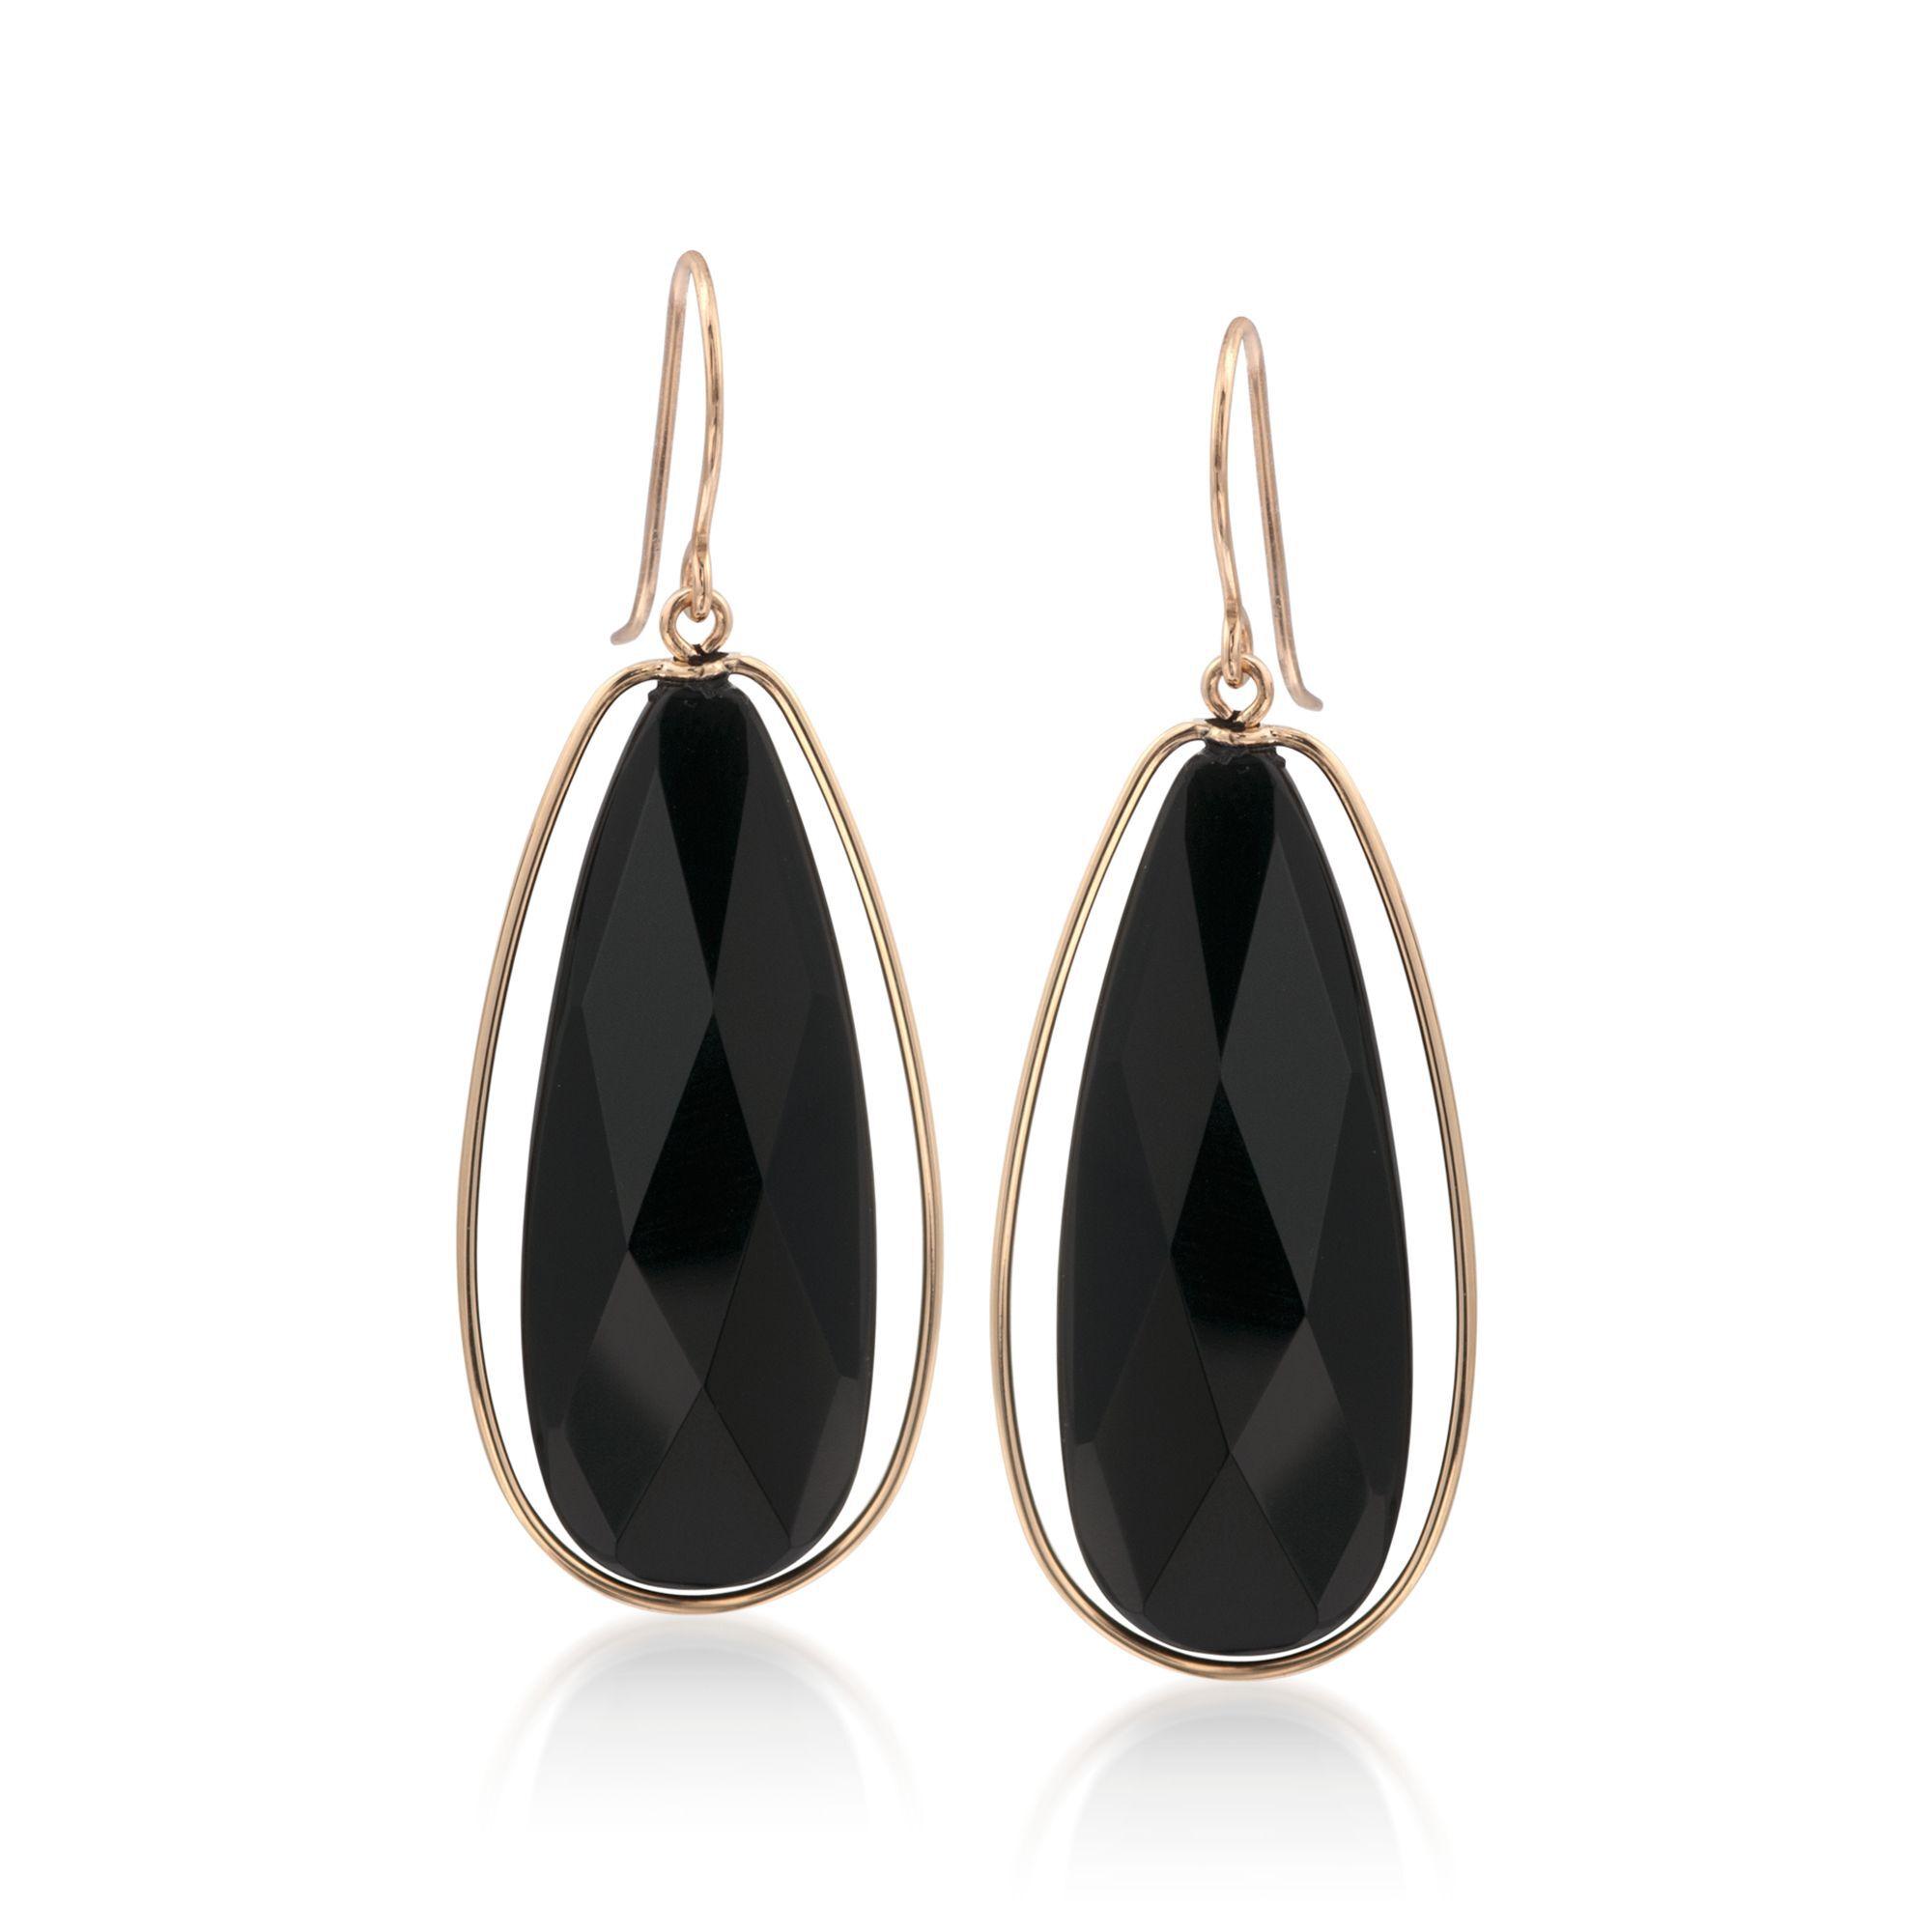 Black Onyx Dangle Earrings in 14kt Yellow Gold